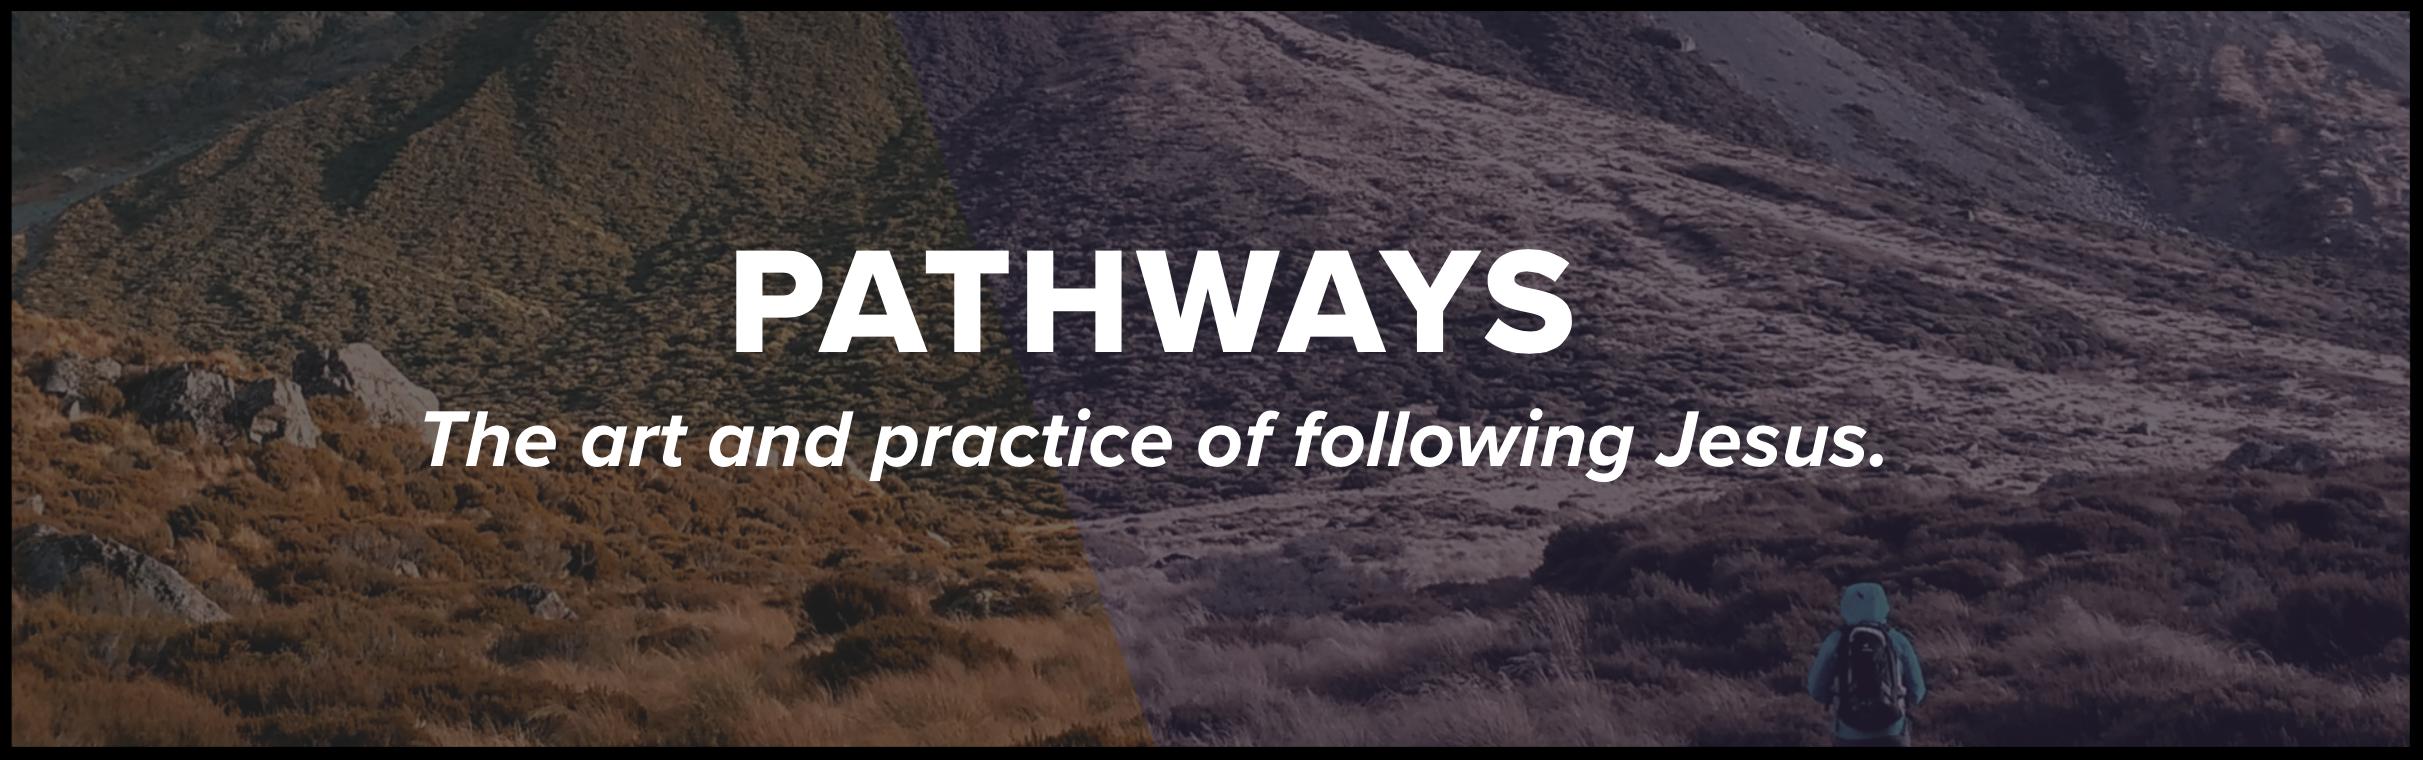 Pathways - Fellowship Jonesboro